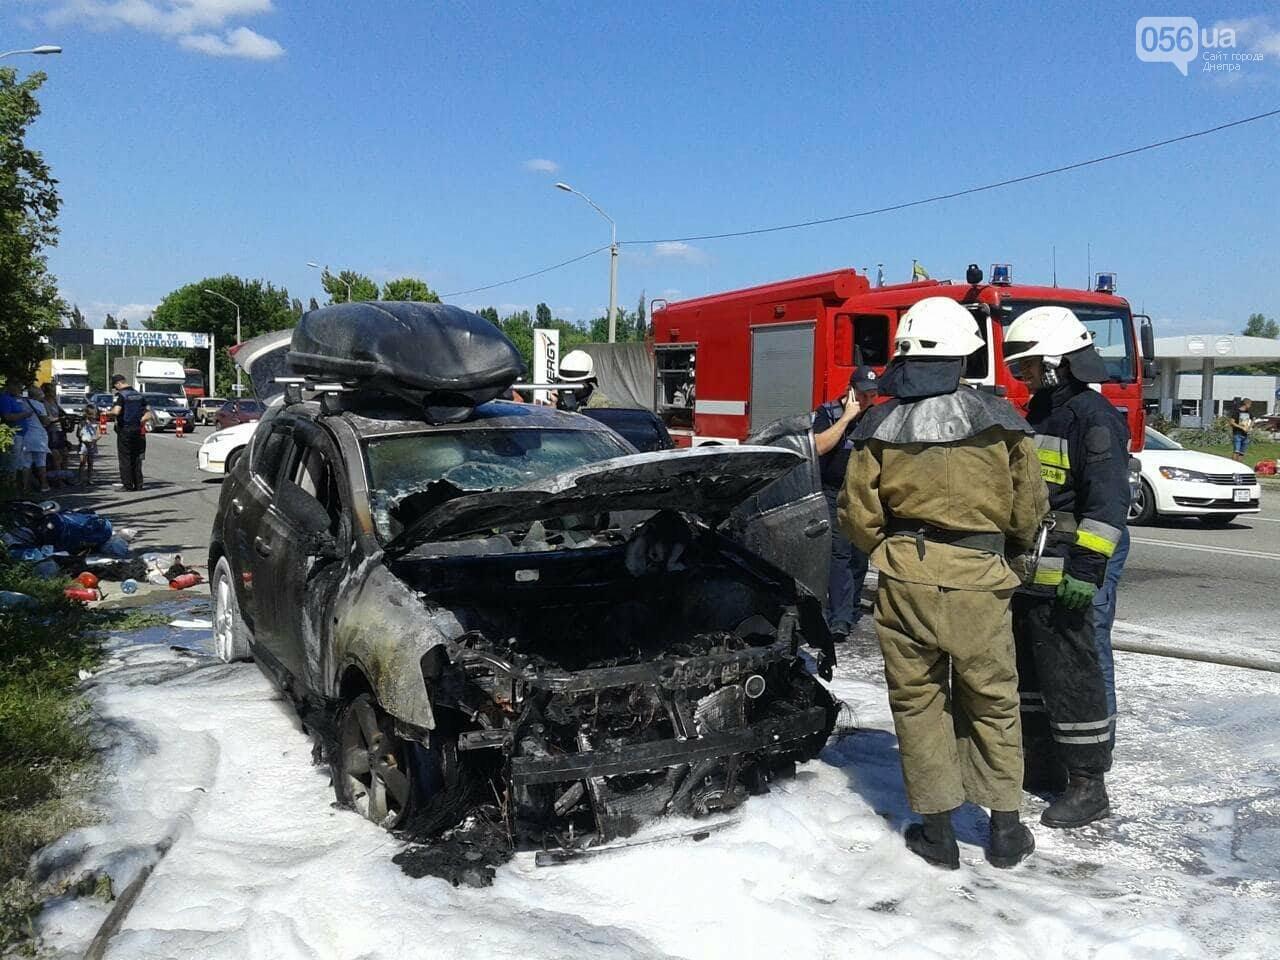 В Днепре на Запорожском шоссе на ходу загорелся автомобиль, - ФОТО, фото-1